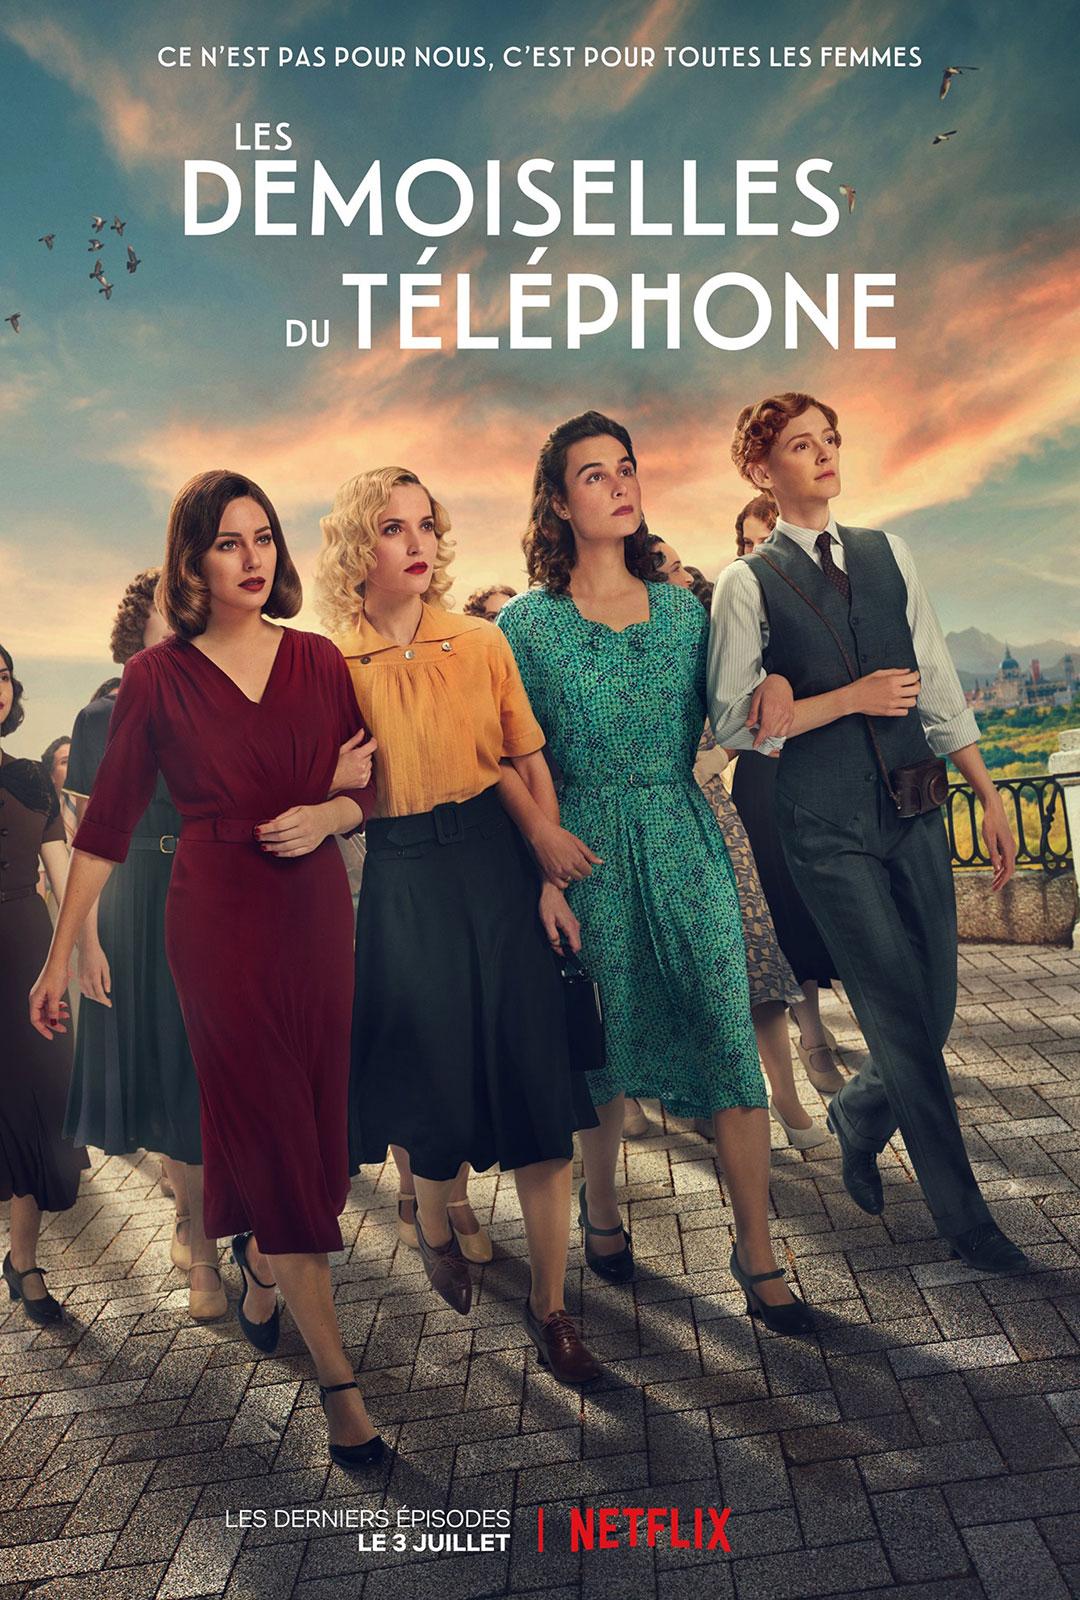 6 - Les demoiselles du téléphone